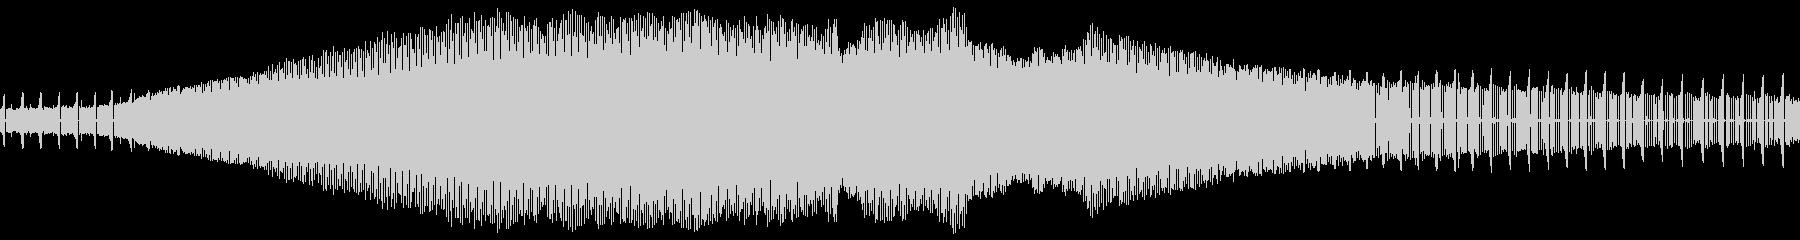 アブラゼミの鳴き声(近距離、一匹のみ)の未再生の波形